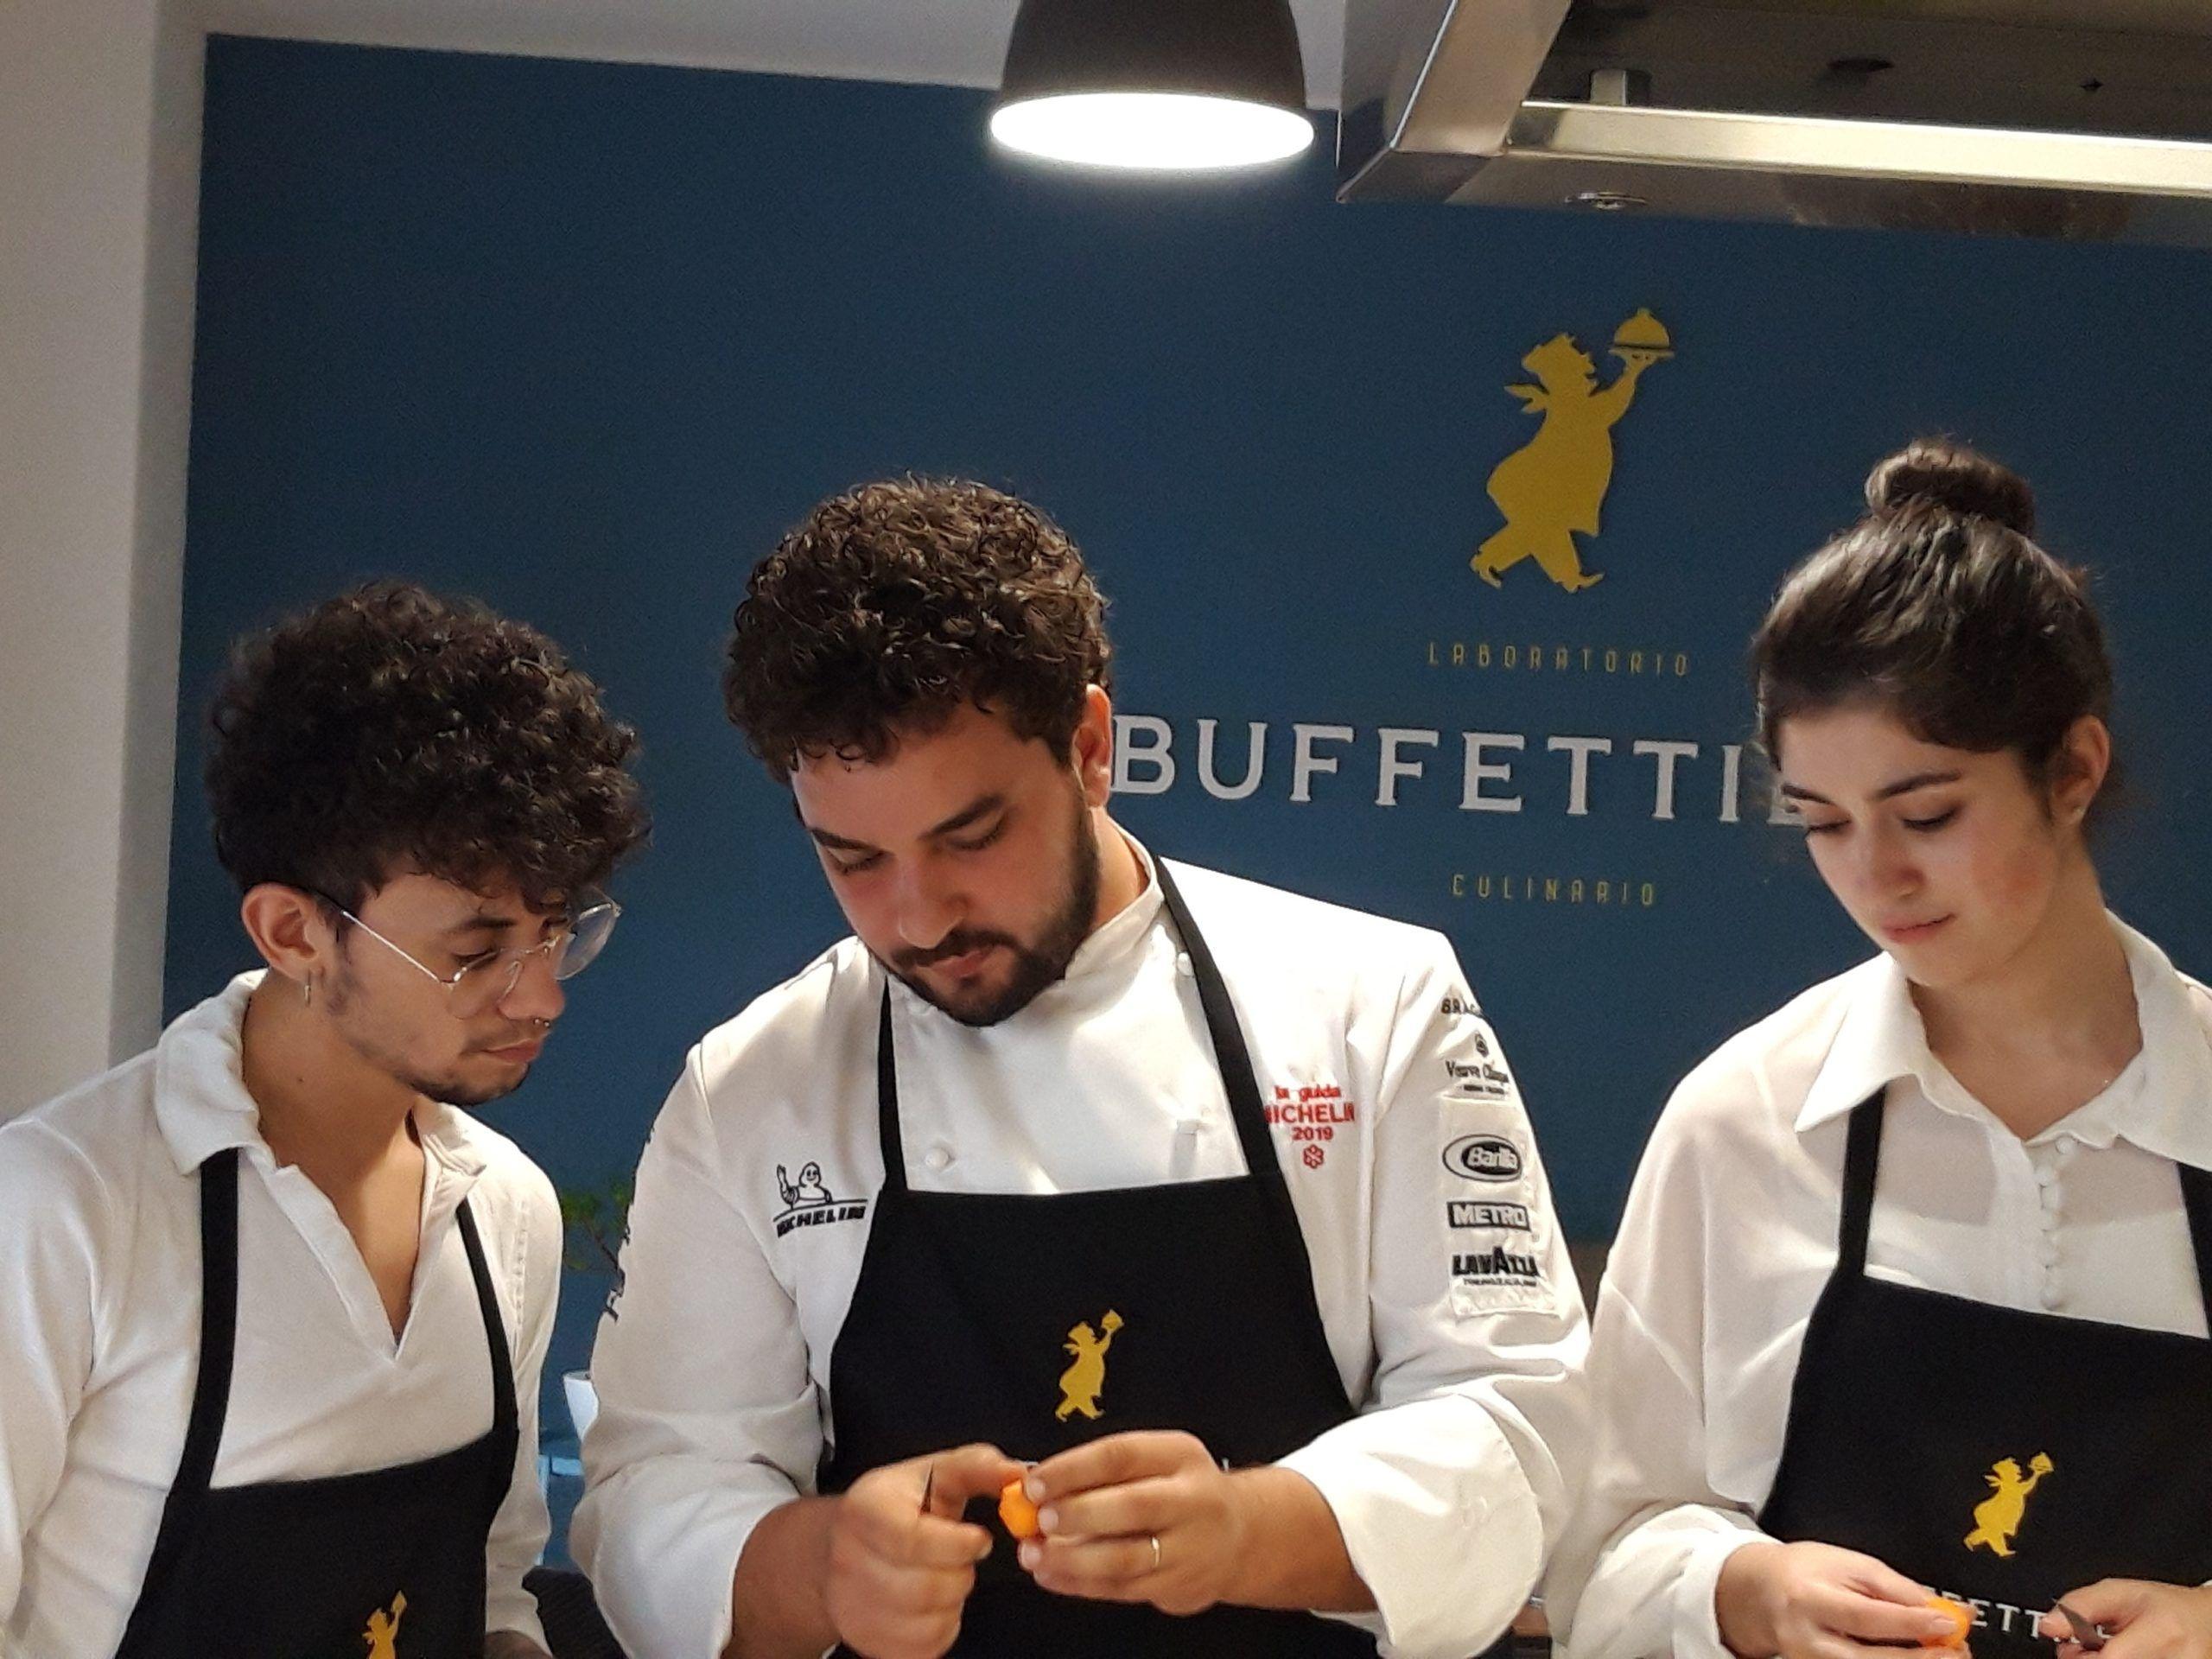 Professione cuoco, al via i nuovi corsi della Scuola di cucina Buffettieri di Catania